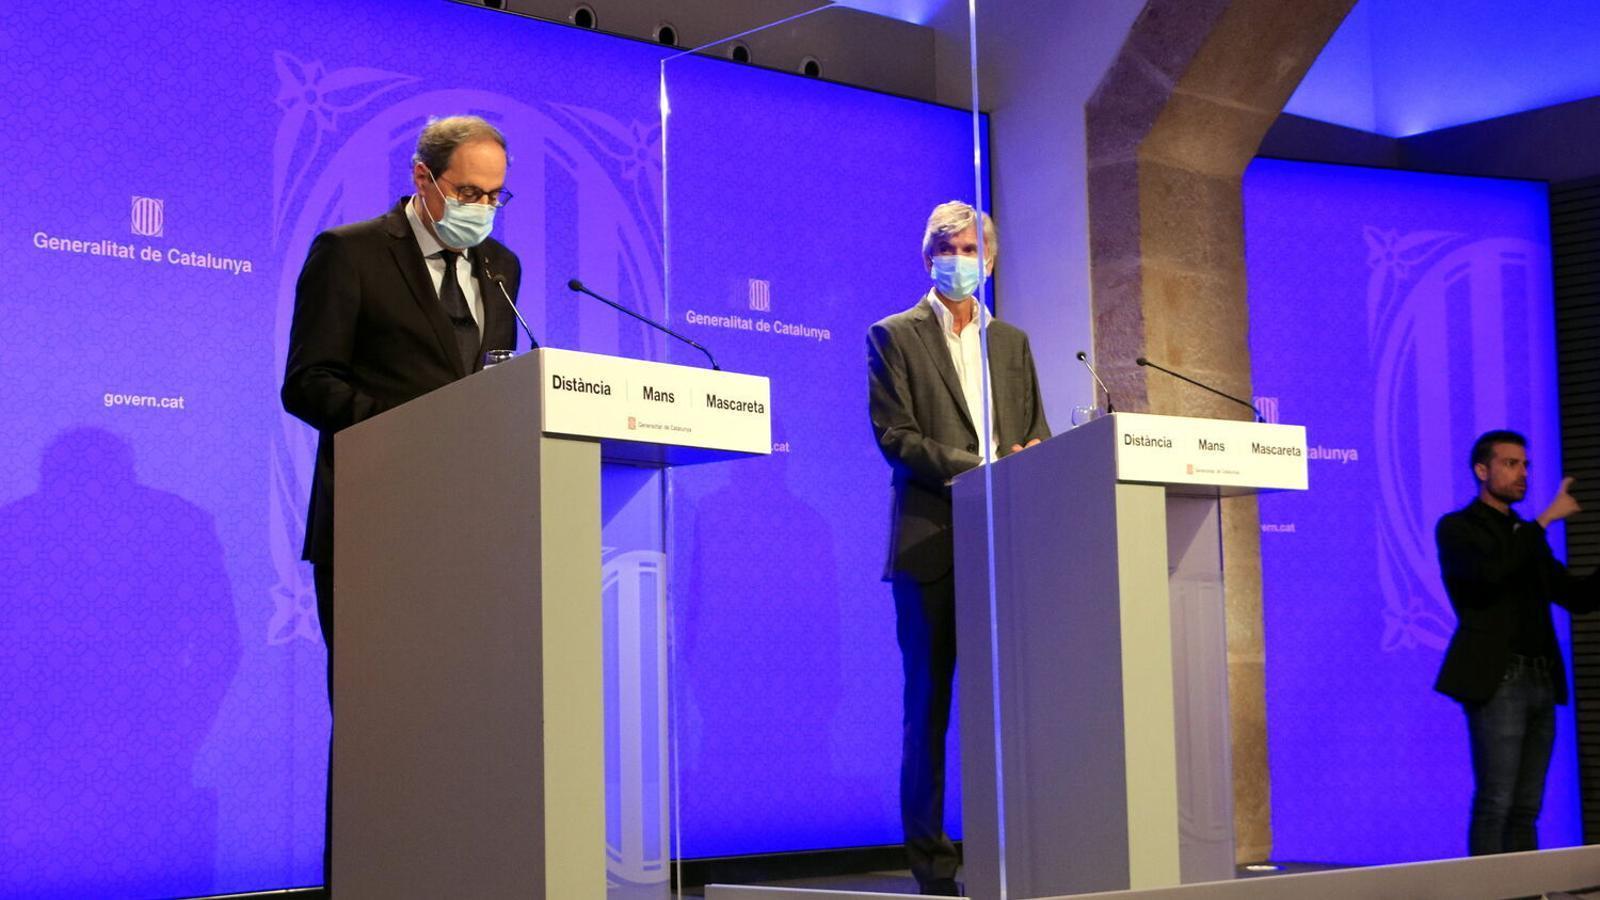 El president de la Generalitat, Quim Torra, i el secretari de Salut Pública, Josep Maria Argimon, en roda de premsa aquest dilluns, 27 de juliol del 2020 / ACN / LAURA FÍGULS